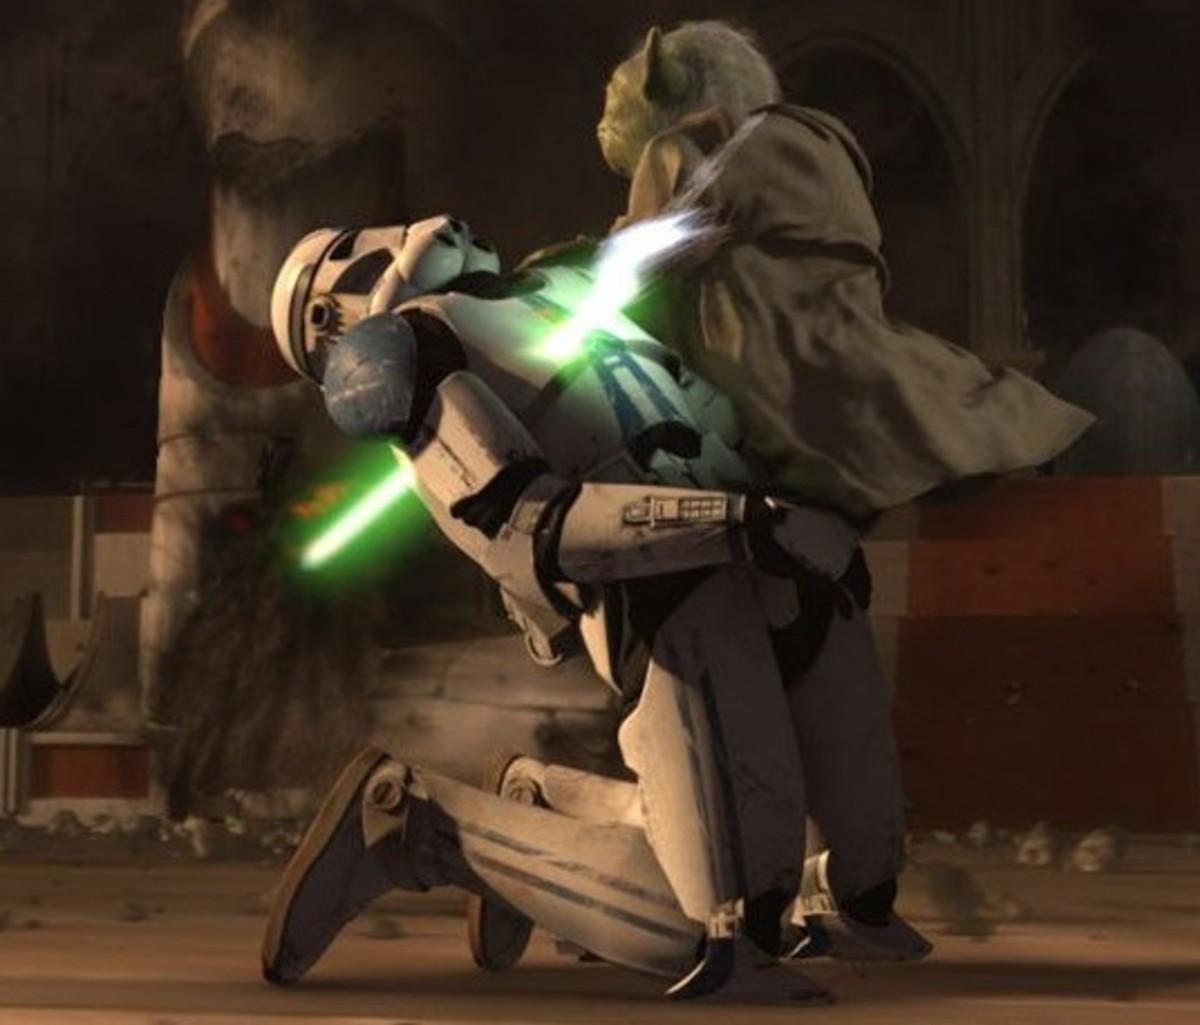 Yoda impales a  clone trooper